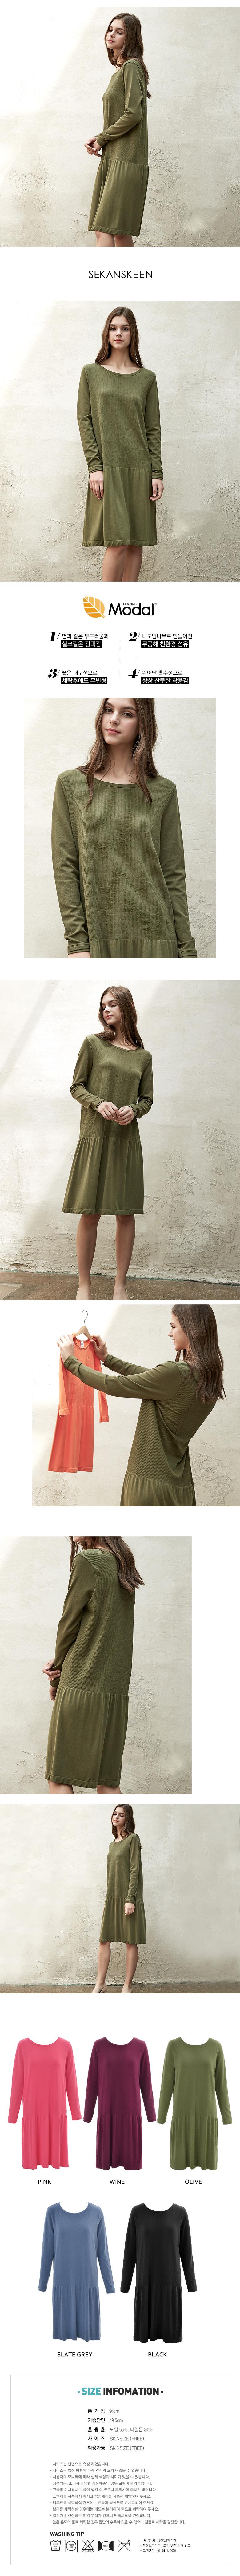 모달 롱슬리브 드레스 - 세컨스킨, 89,000원, 원피스, 미니원피스